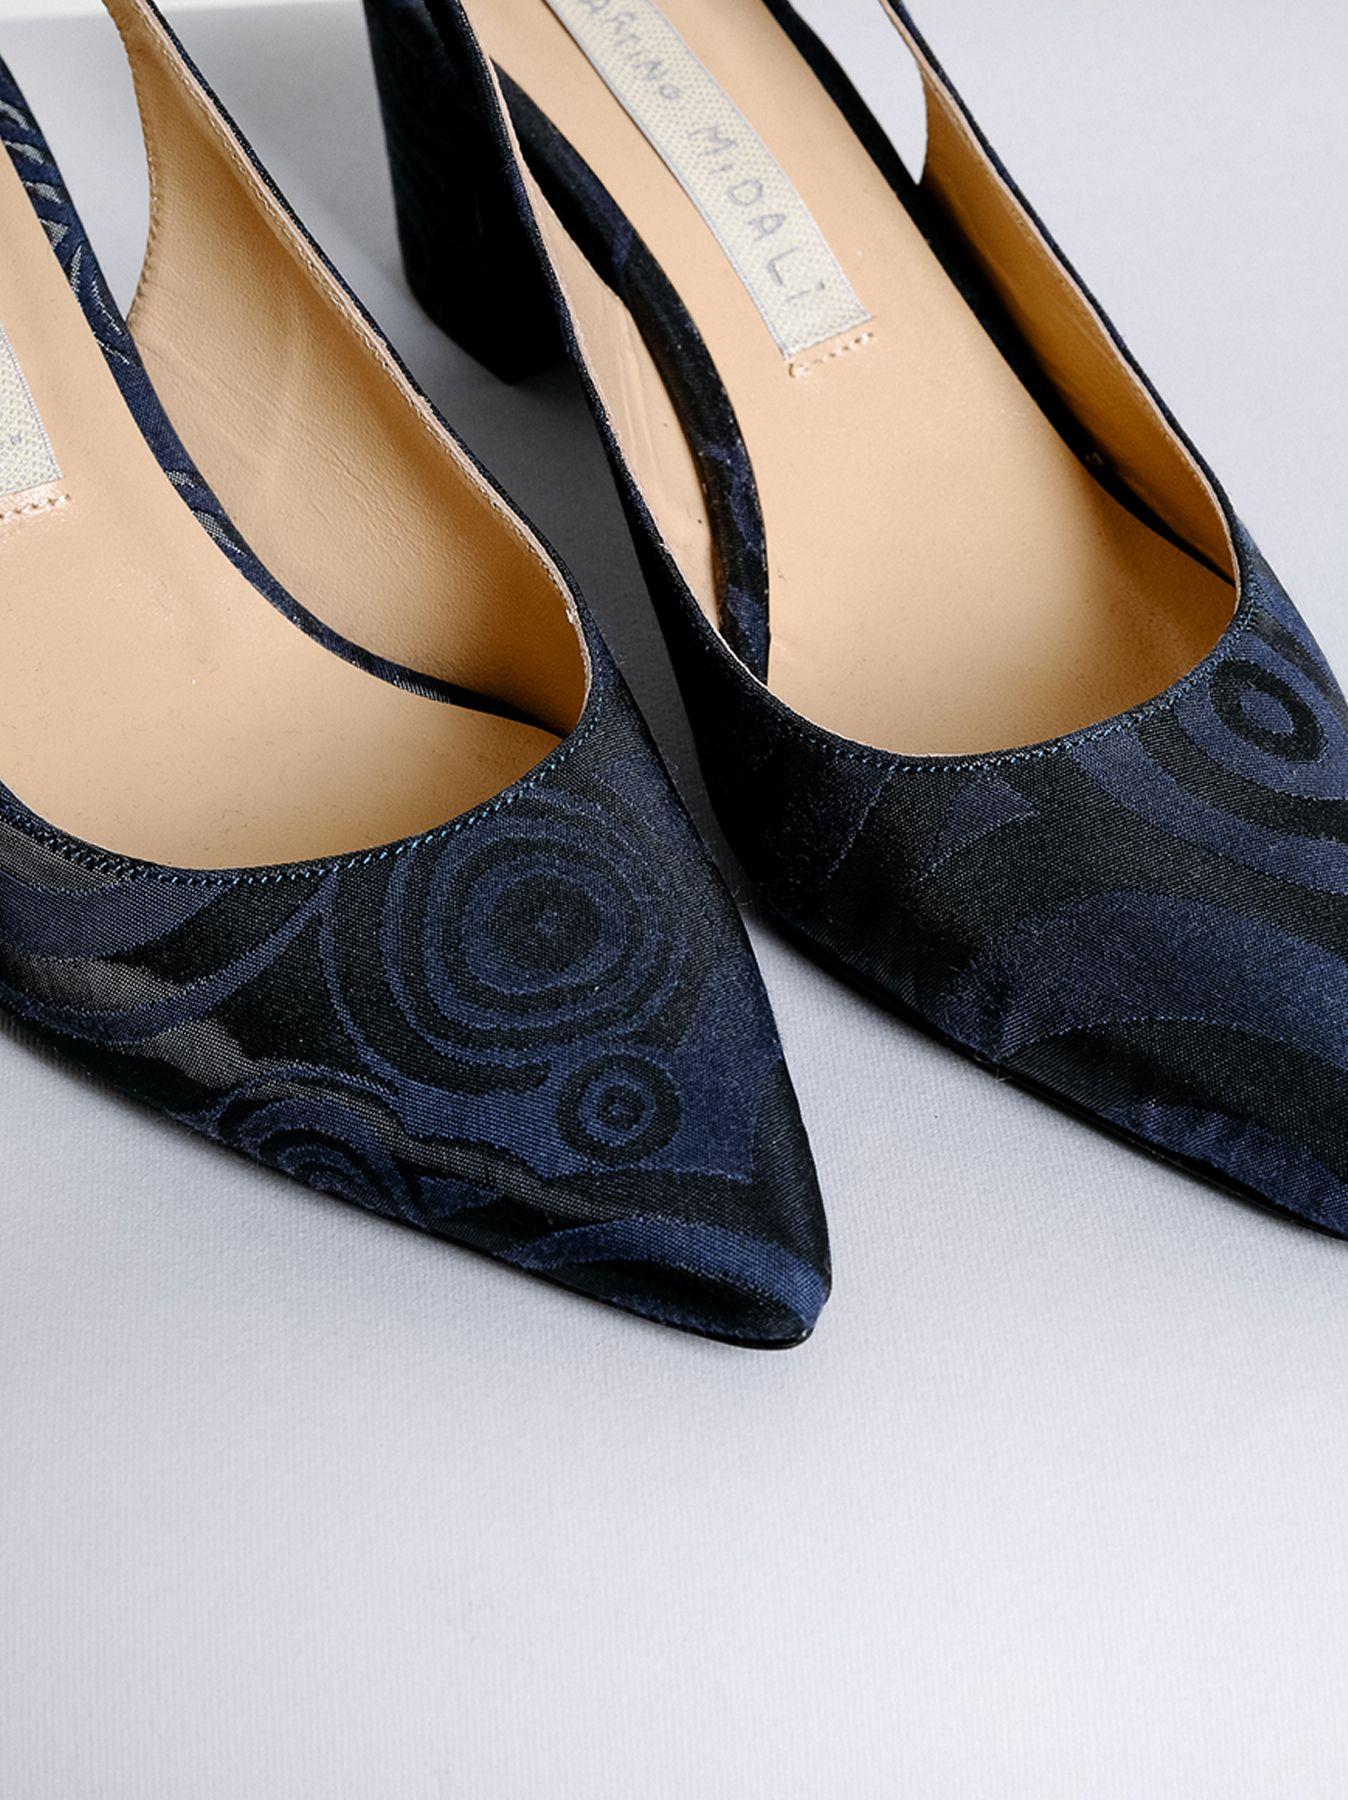 Zapatos modelo Chanel con diseño JACQUARD